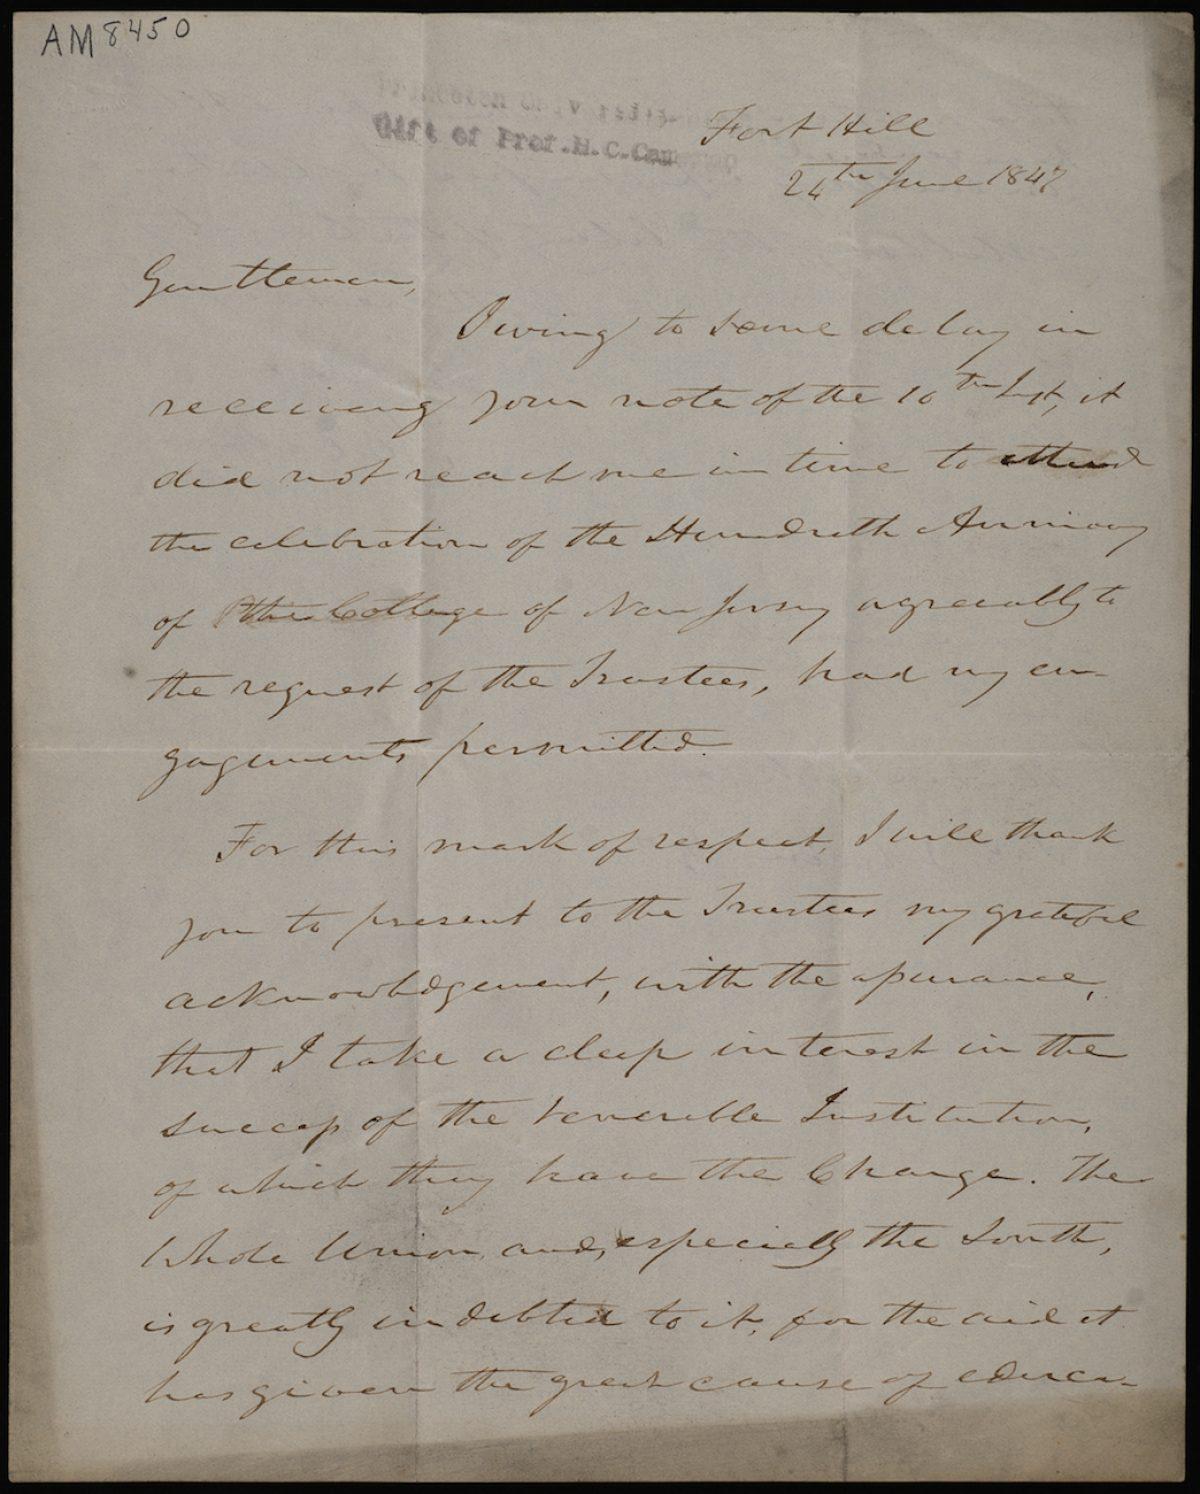 Letter from John C. Calhoun